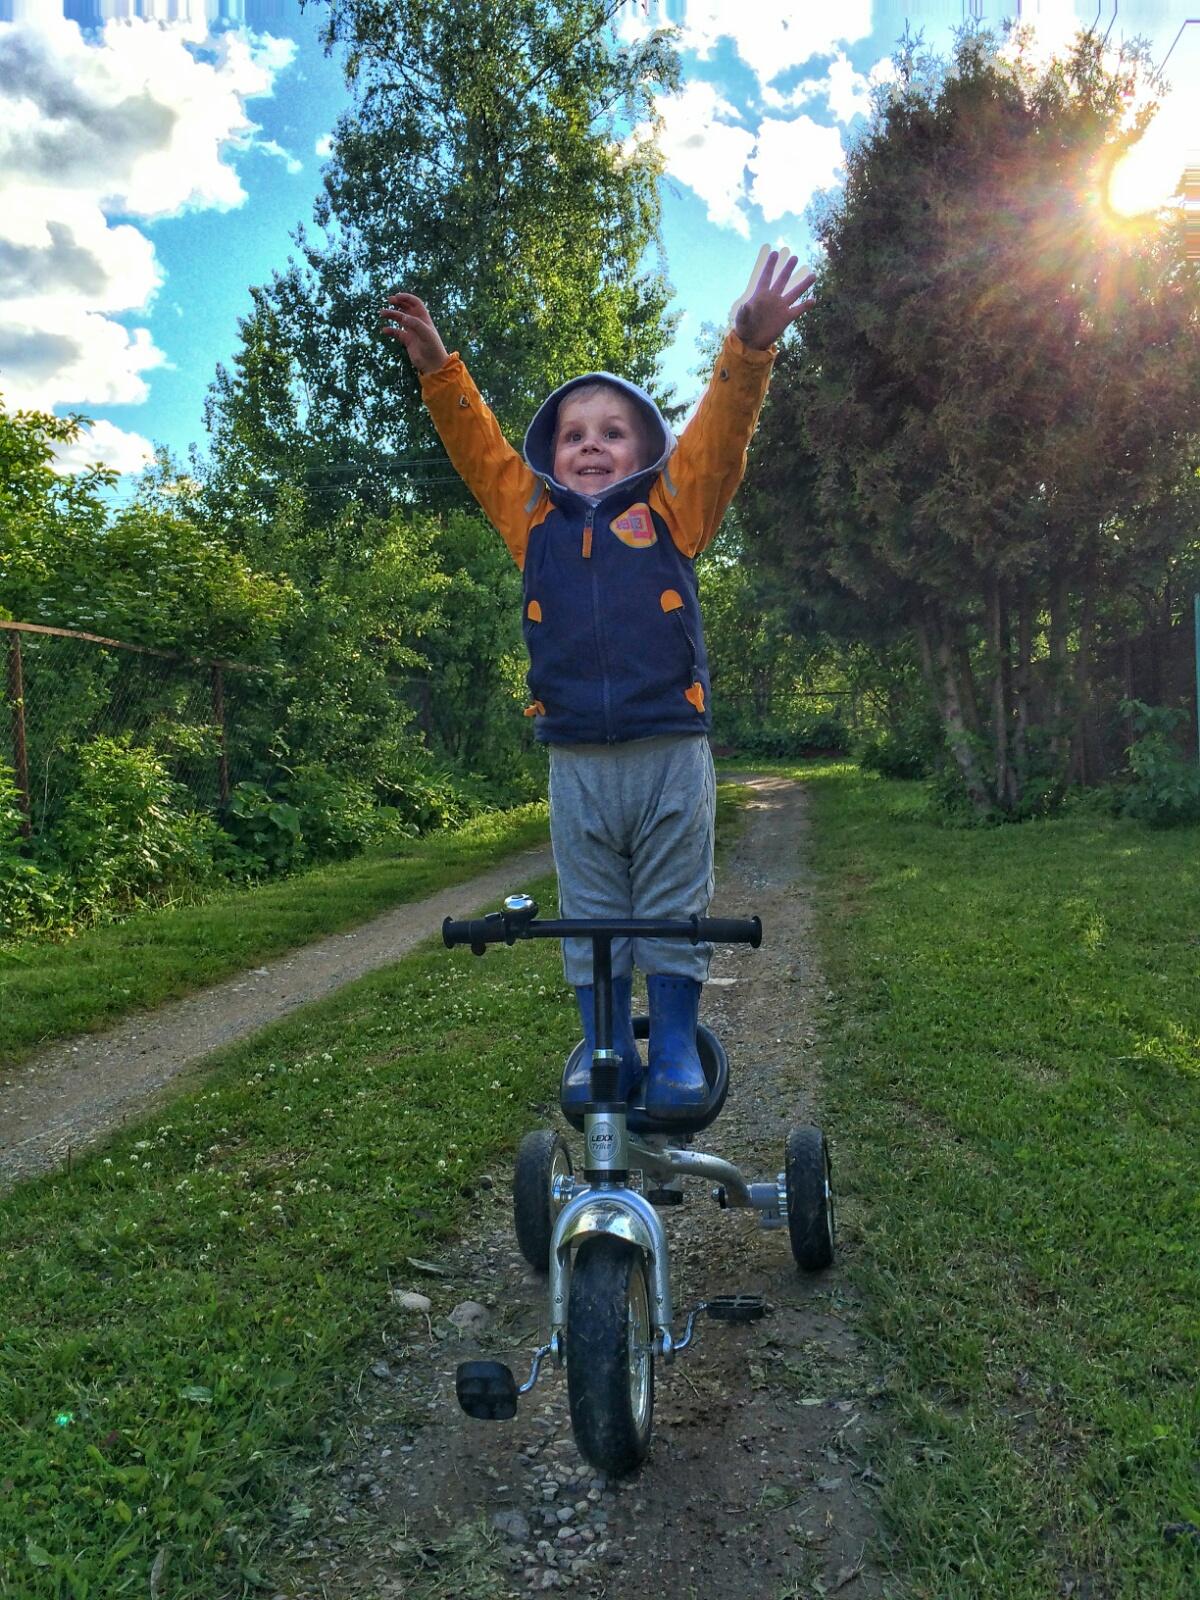 Тёма выполняет опасный трюк на велосипеде